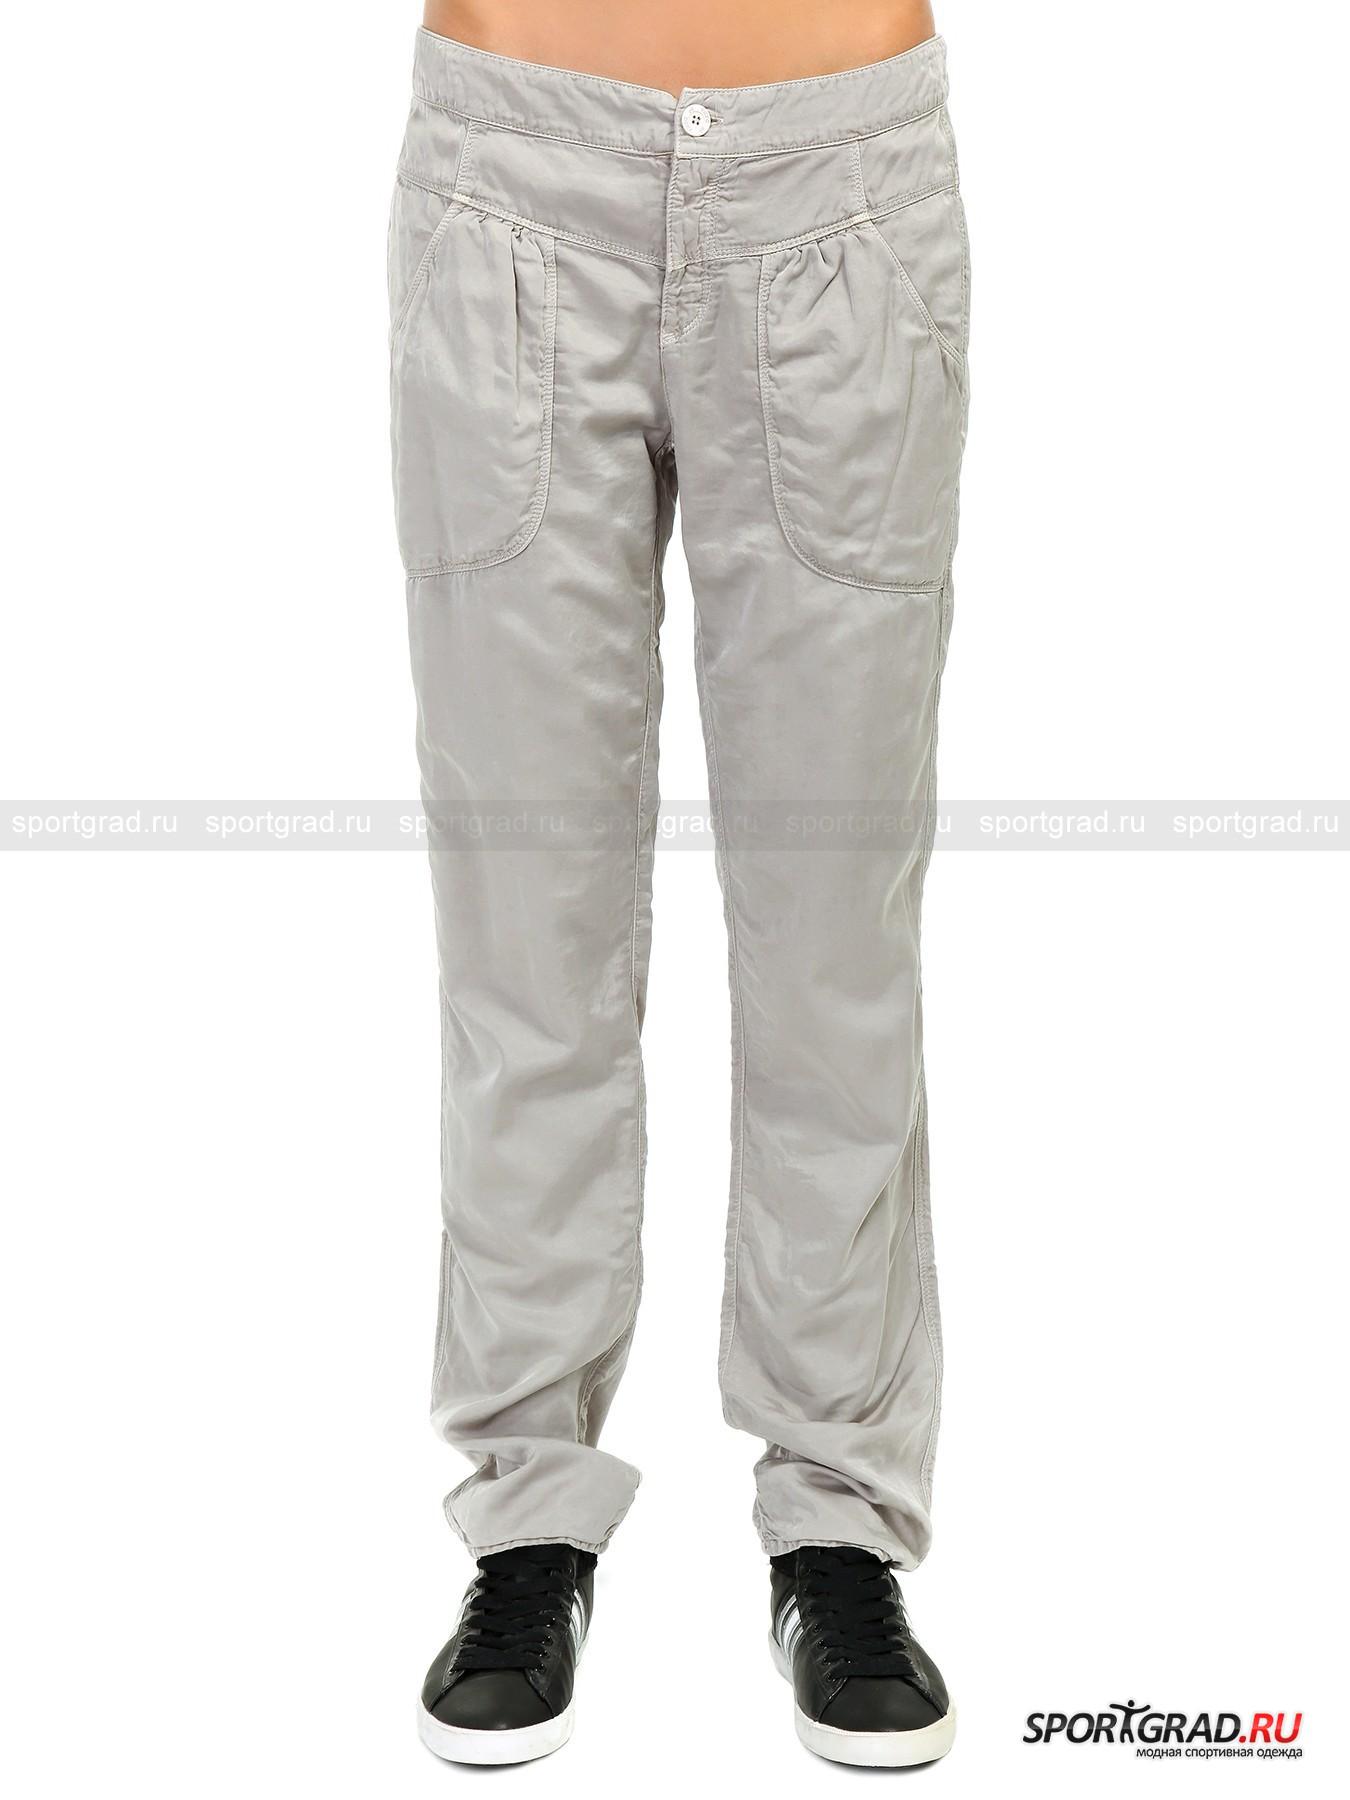 Брюки женские DEHA на хлопковой подкладкеБрюки<br>Шелковистые на ощупь женские брюки DEHA из прочного гладкого материала с добавлением купро-нитей замечательно подходят как для будничной носки, так и для выходного дня или повода. Утепленное хлопковой подкладкой, изделие, несмотря на спортивный покрой, смотрится женственно за счет клинообразной кокетки на бедрах и защипов под ней.<br><br>Длина изделия по боковому шву с учетом пояса ок. 100, 5 см, ширина в поясе 41, 5 см, ширина по бедрам 52 см (размер S).<br><br>Пол: Женский<br>Возраст: Взрослый<br>Тип: Брюки<br>Рекомендации по уходу: Изделию показана стирка при температуре 30°, глажка при температуре, не превышающей 110°, и химчистка. Запрещены отбеливание и сушка в стиральной машине или электросушилке для белья.<br>Состав: Основное изделие: 70% хлопок, 30% купро. Подкладка: 100% хлопок.